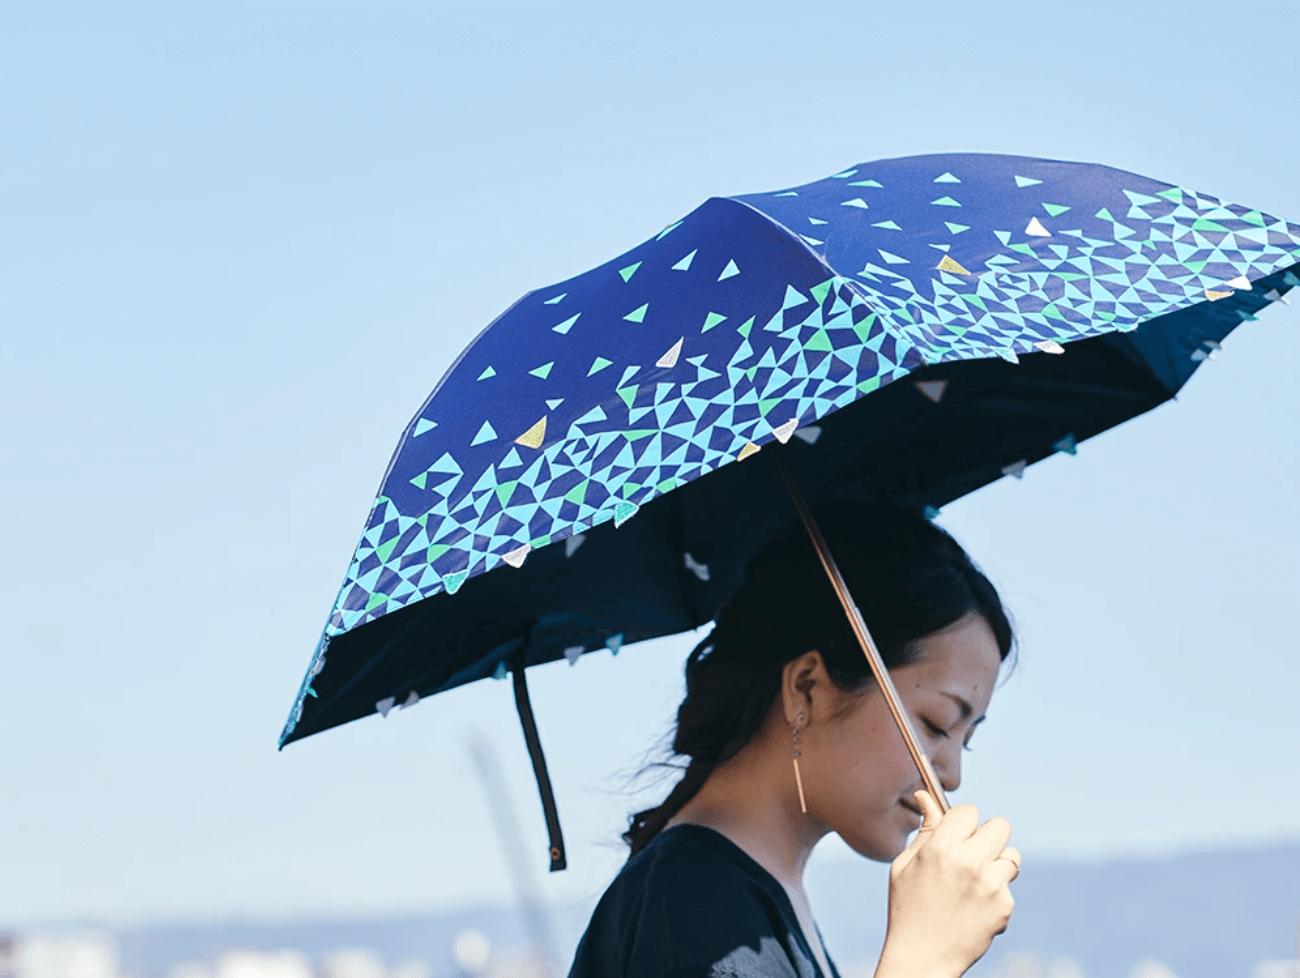 日傘をさす女性②